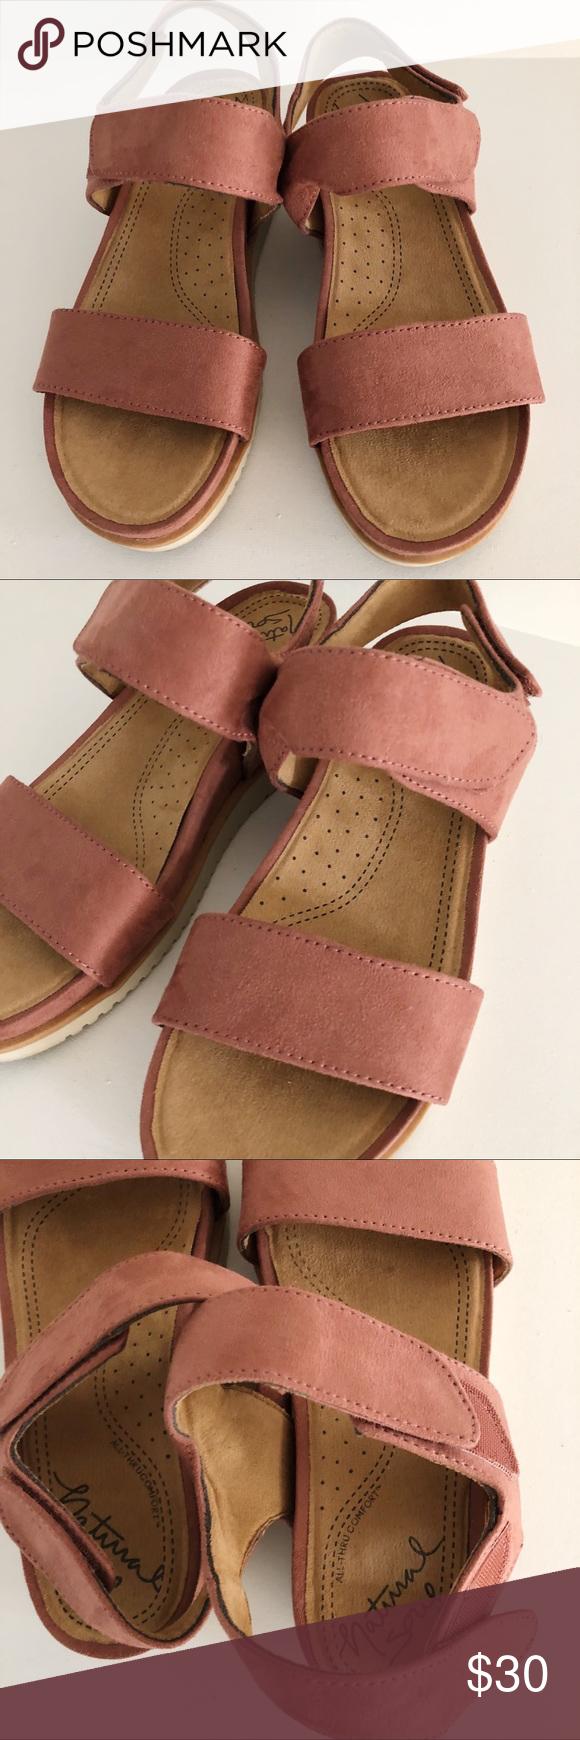 a780dee29c6d Natural Soul Mauve Kaila Sandals Natural Soul Kaila sandals with mauve  color suede straps - 2